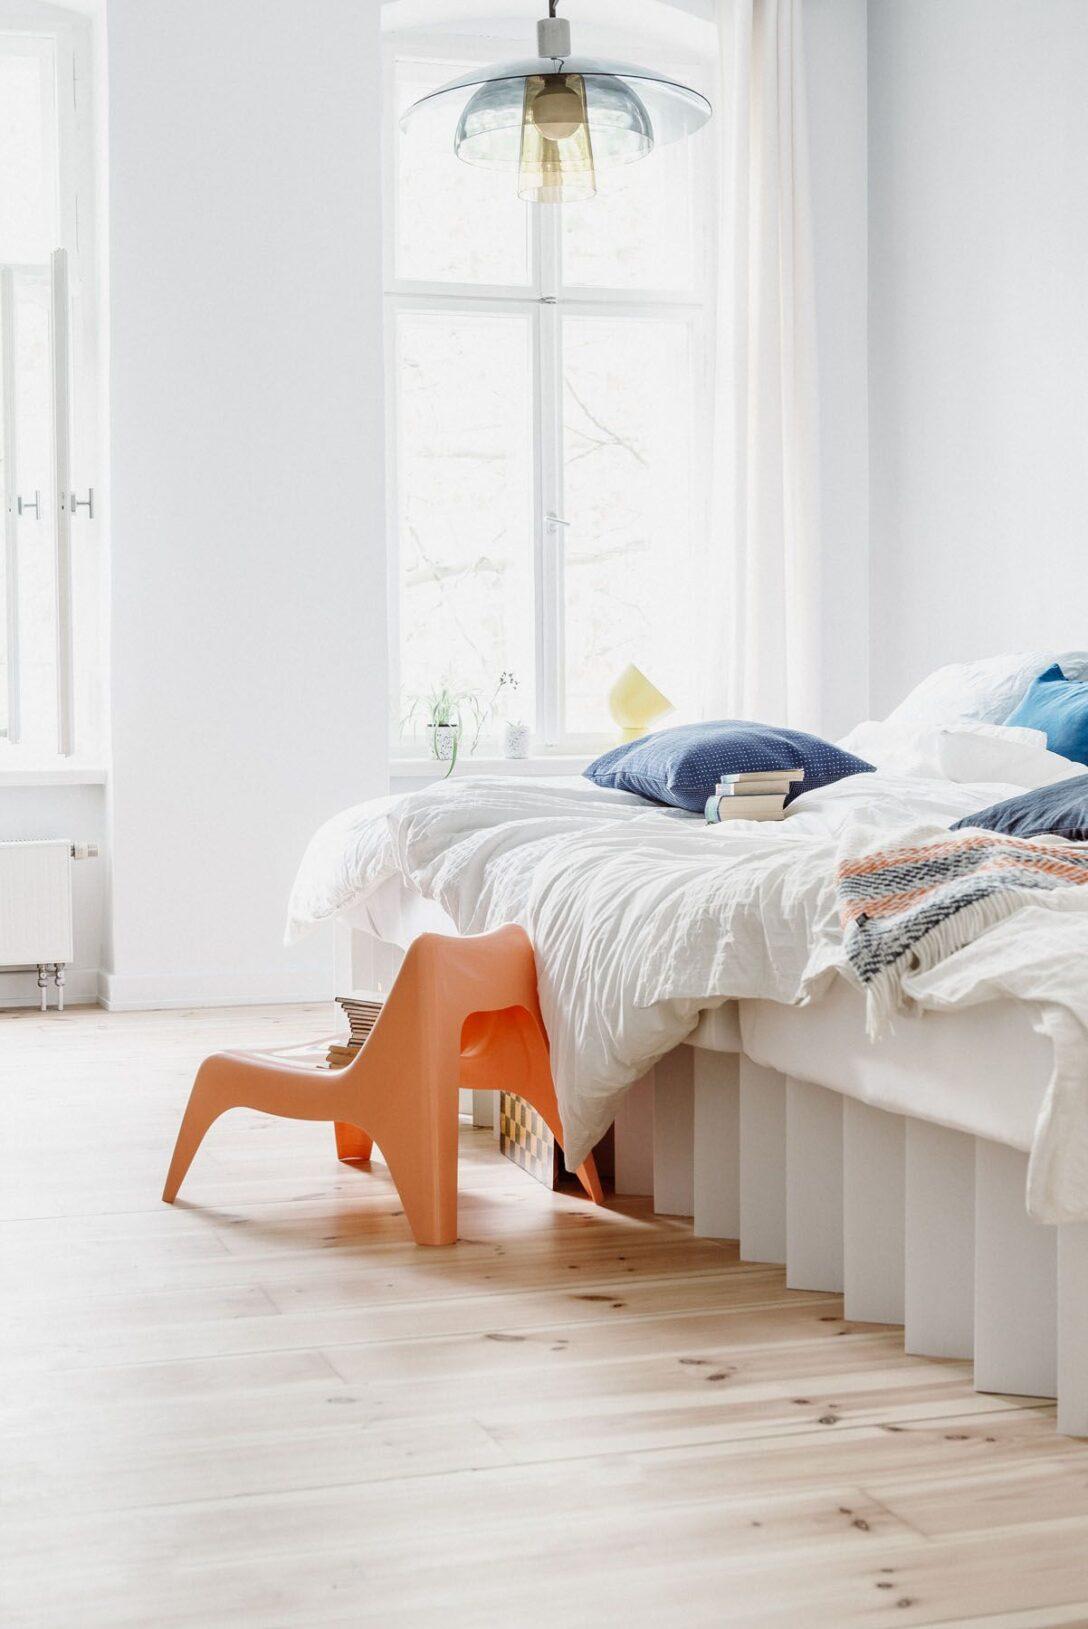 Large Size of Pappbett Ikea Das Bett Aus Recycelter Wellpappe Ist Stabil Küche Kosten Betten Bei Kaufen Sofa Mit Schlaffunktion 160x200 Miniküche Modulküche Wohnzimmer Pappbett Ikea